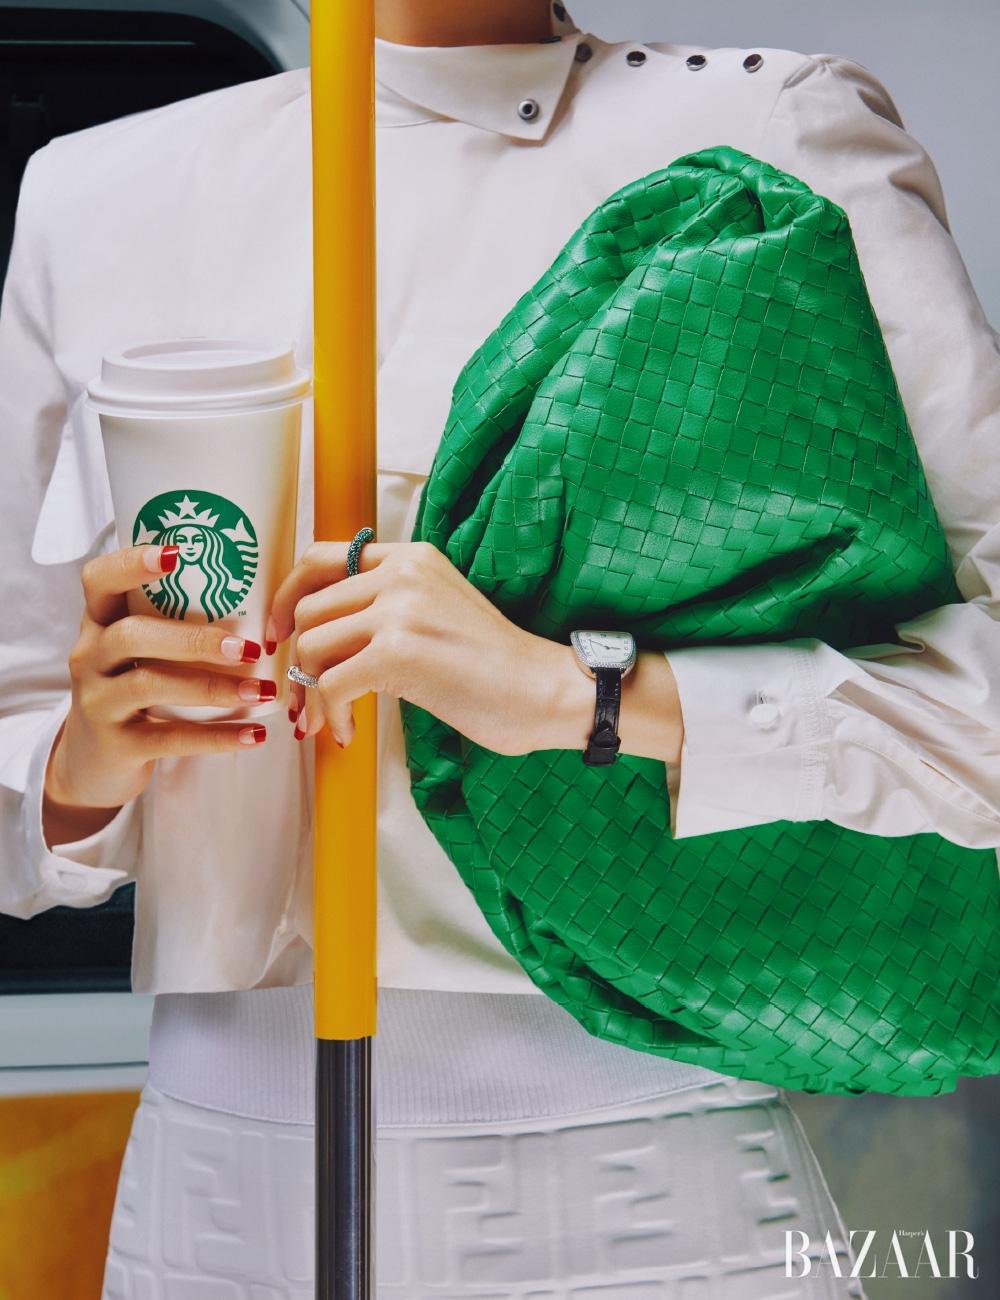 톱은 1백35만원, 스커트는 3백66만원 모두 Fendi, 클러치는 3백60만5천원 Bottega Veneta, 반지는 각각 27만5천원 Portrait Report, 시계는 가격 미정 Hermès.